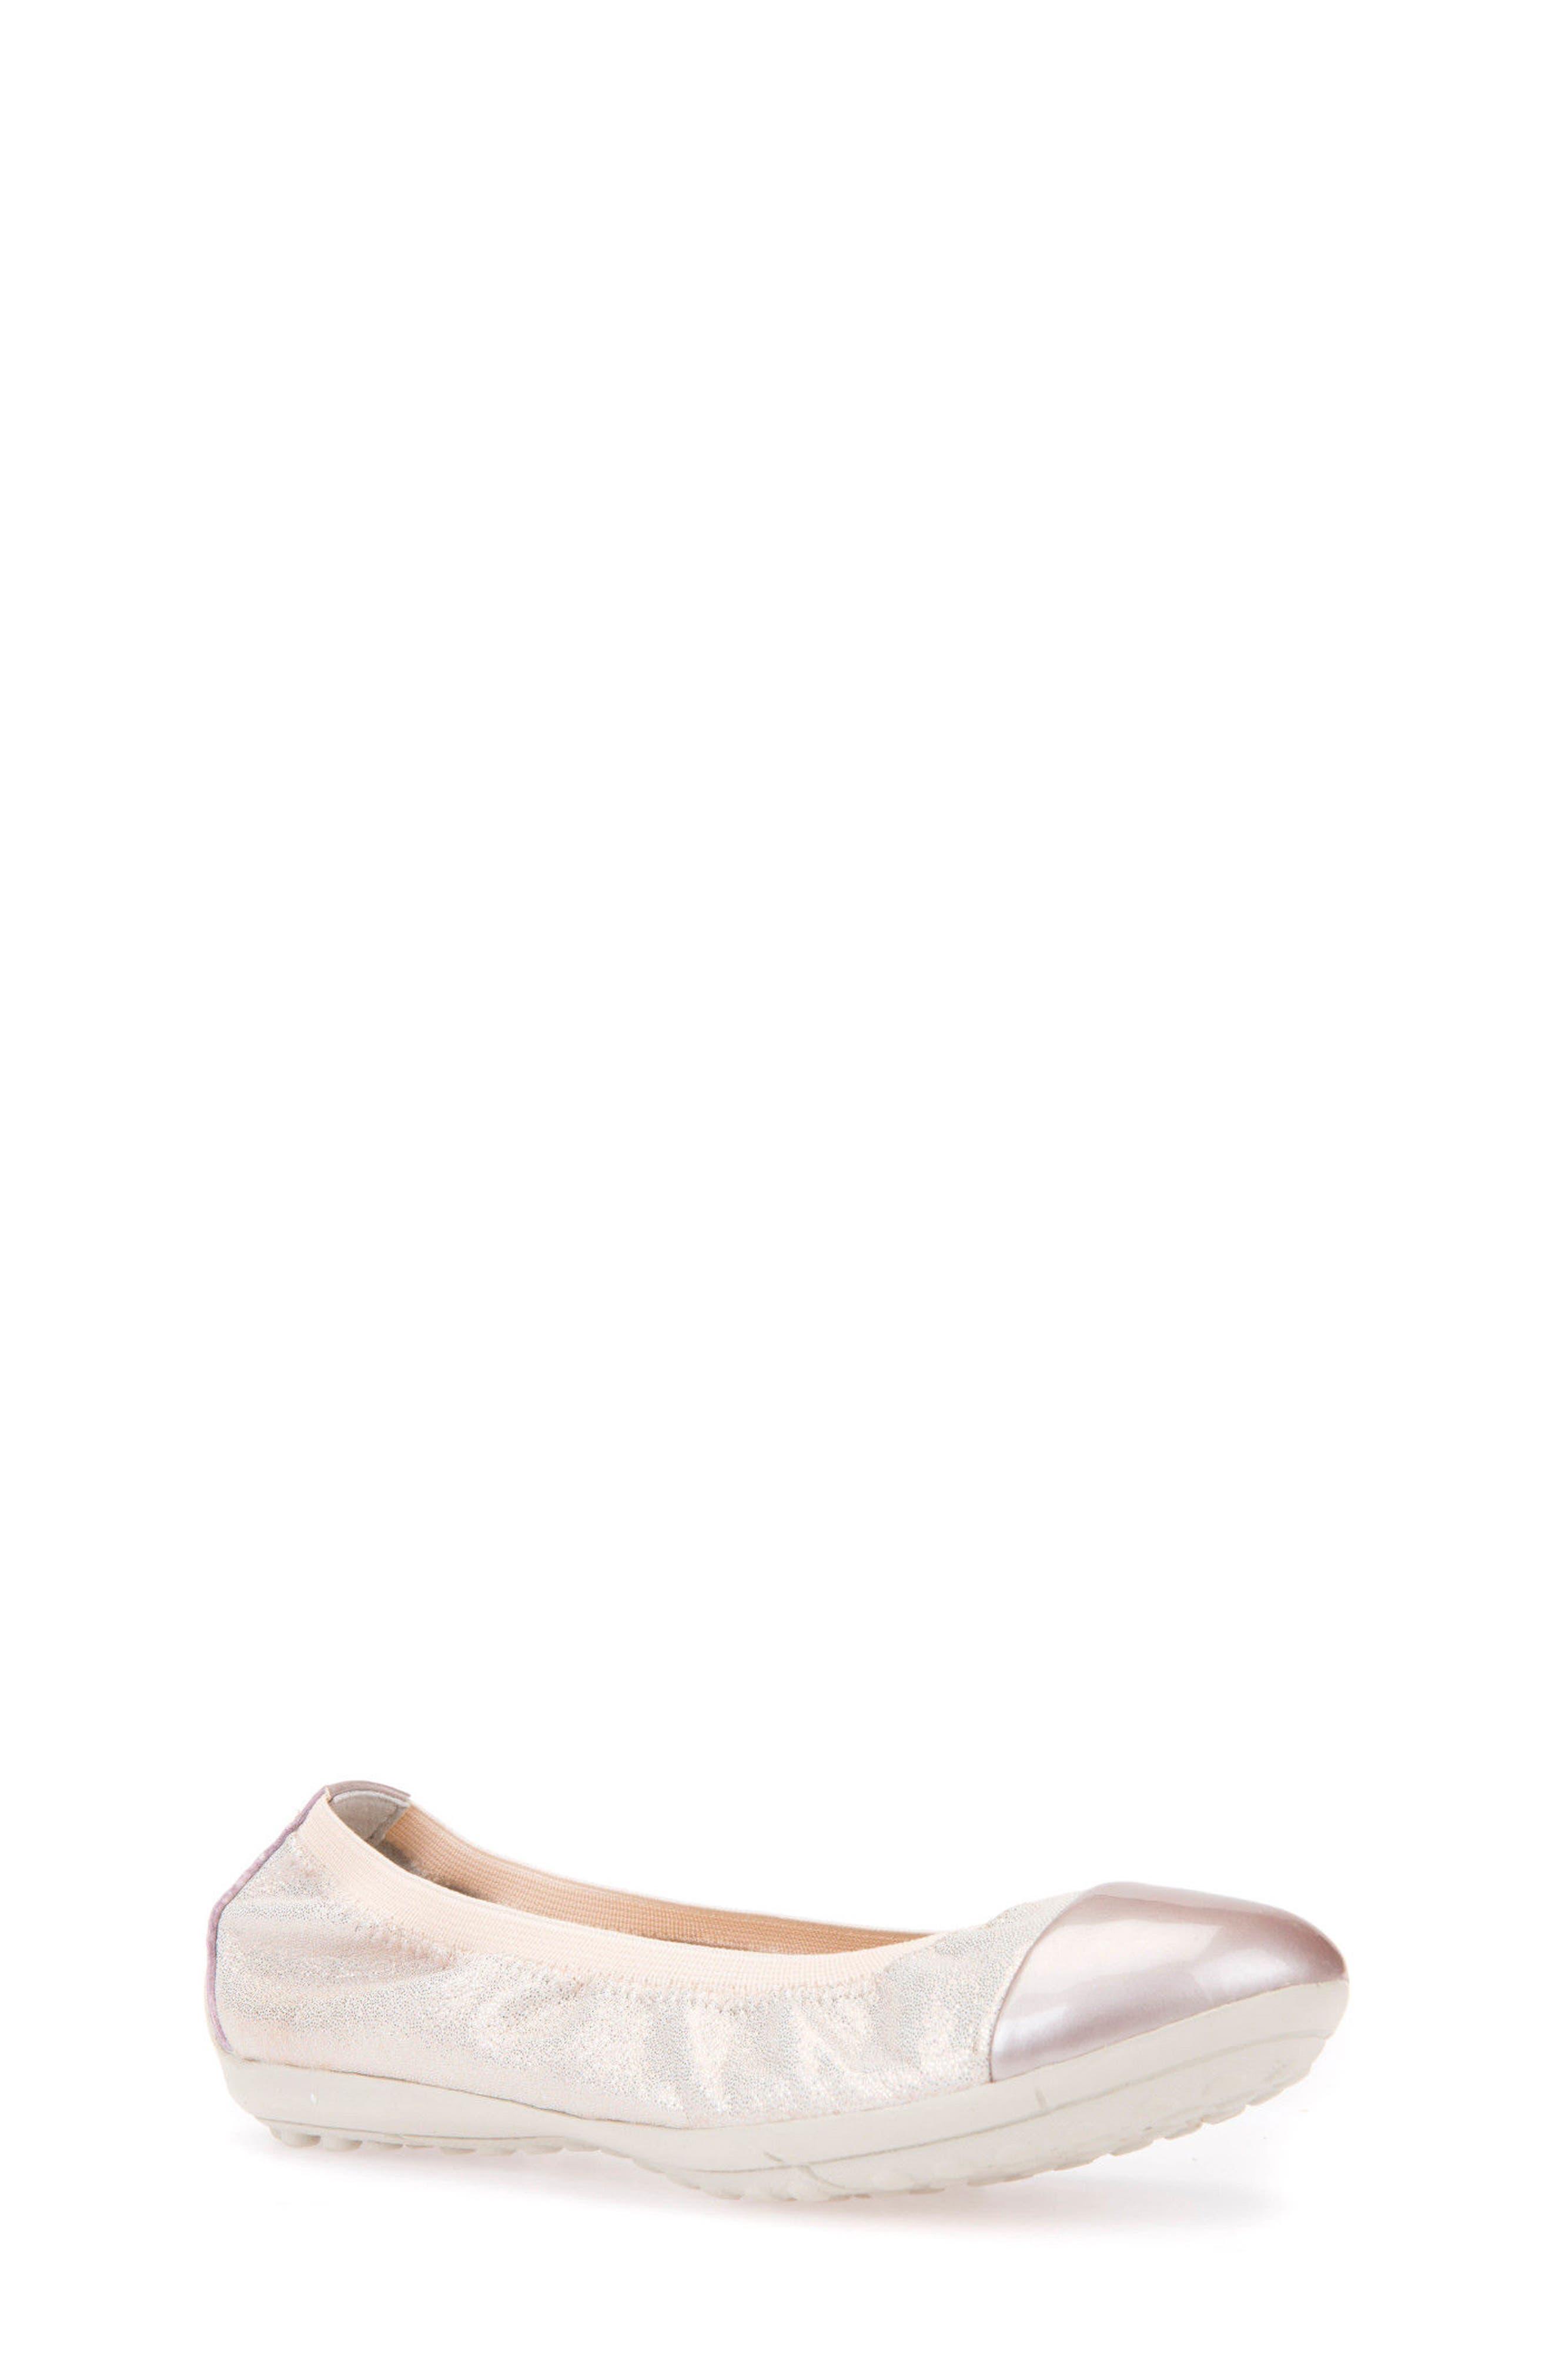 Alternate Image 1 Selected - Geox Piuma Cap Toe Glitter Ballerina Flat